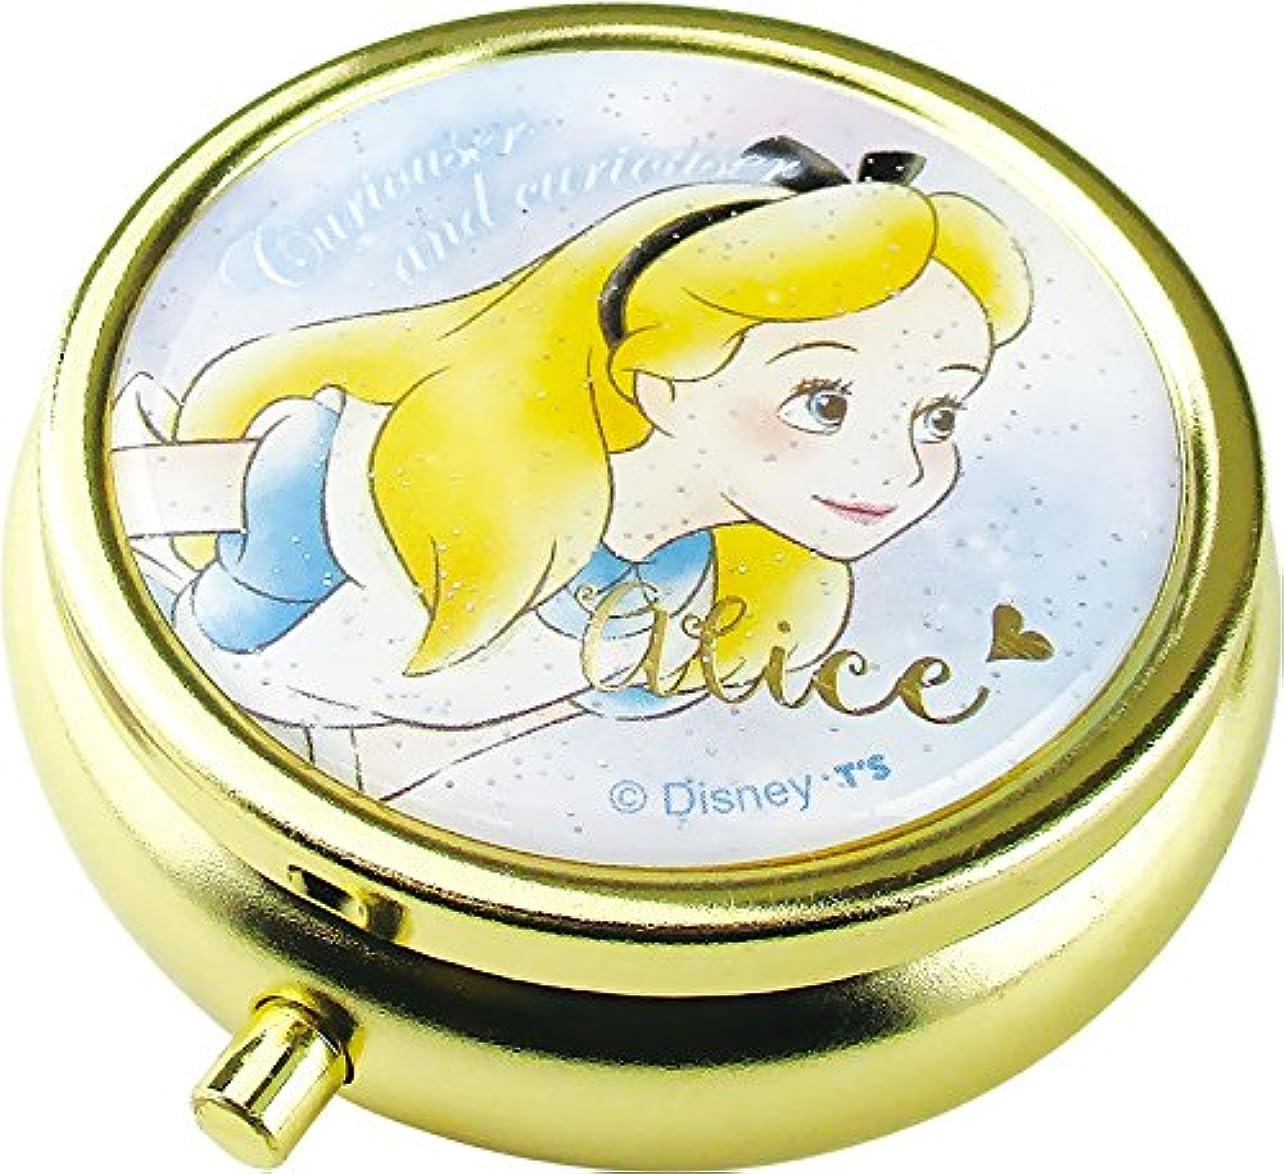 一定凝視シェフティーズファクトリー Disney アリス ミニ小物ケース ミラー、仕切り付き  ディズニー 不思議の国のアリス DN-5522314 AC 073337